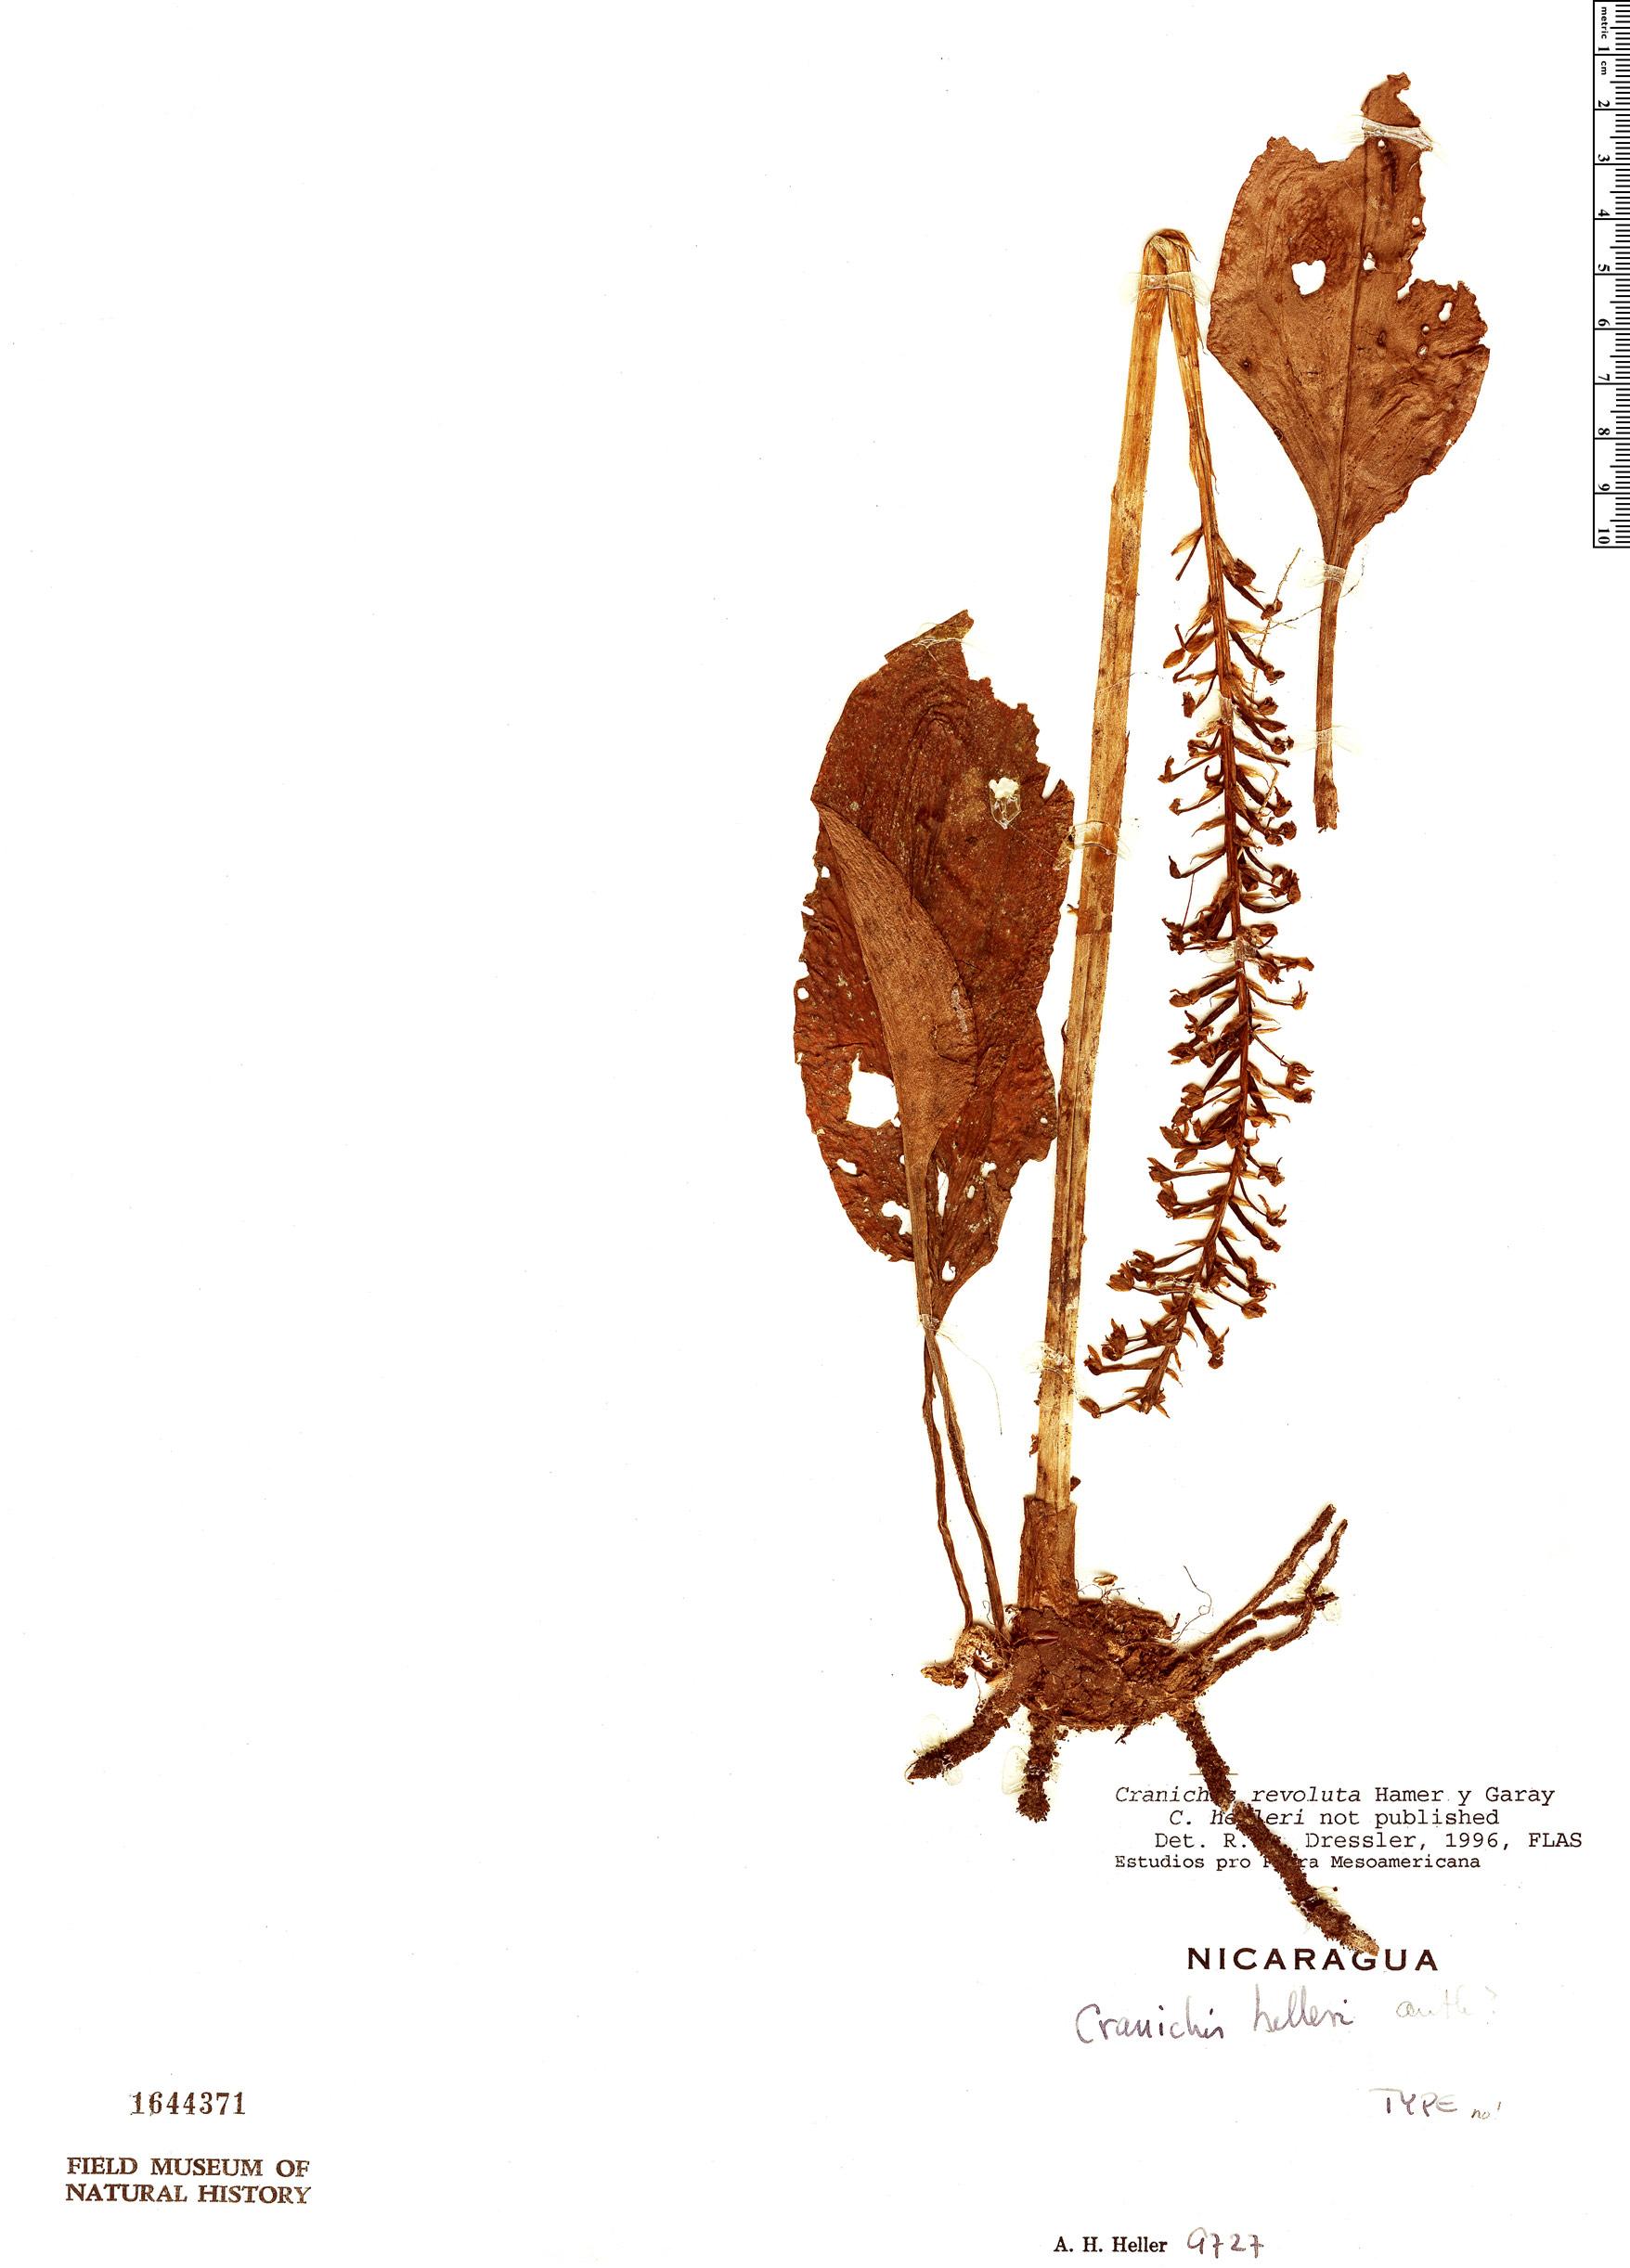 Espécimen: Cranichis revoluta